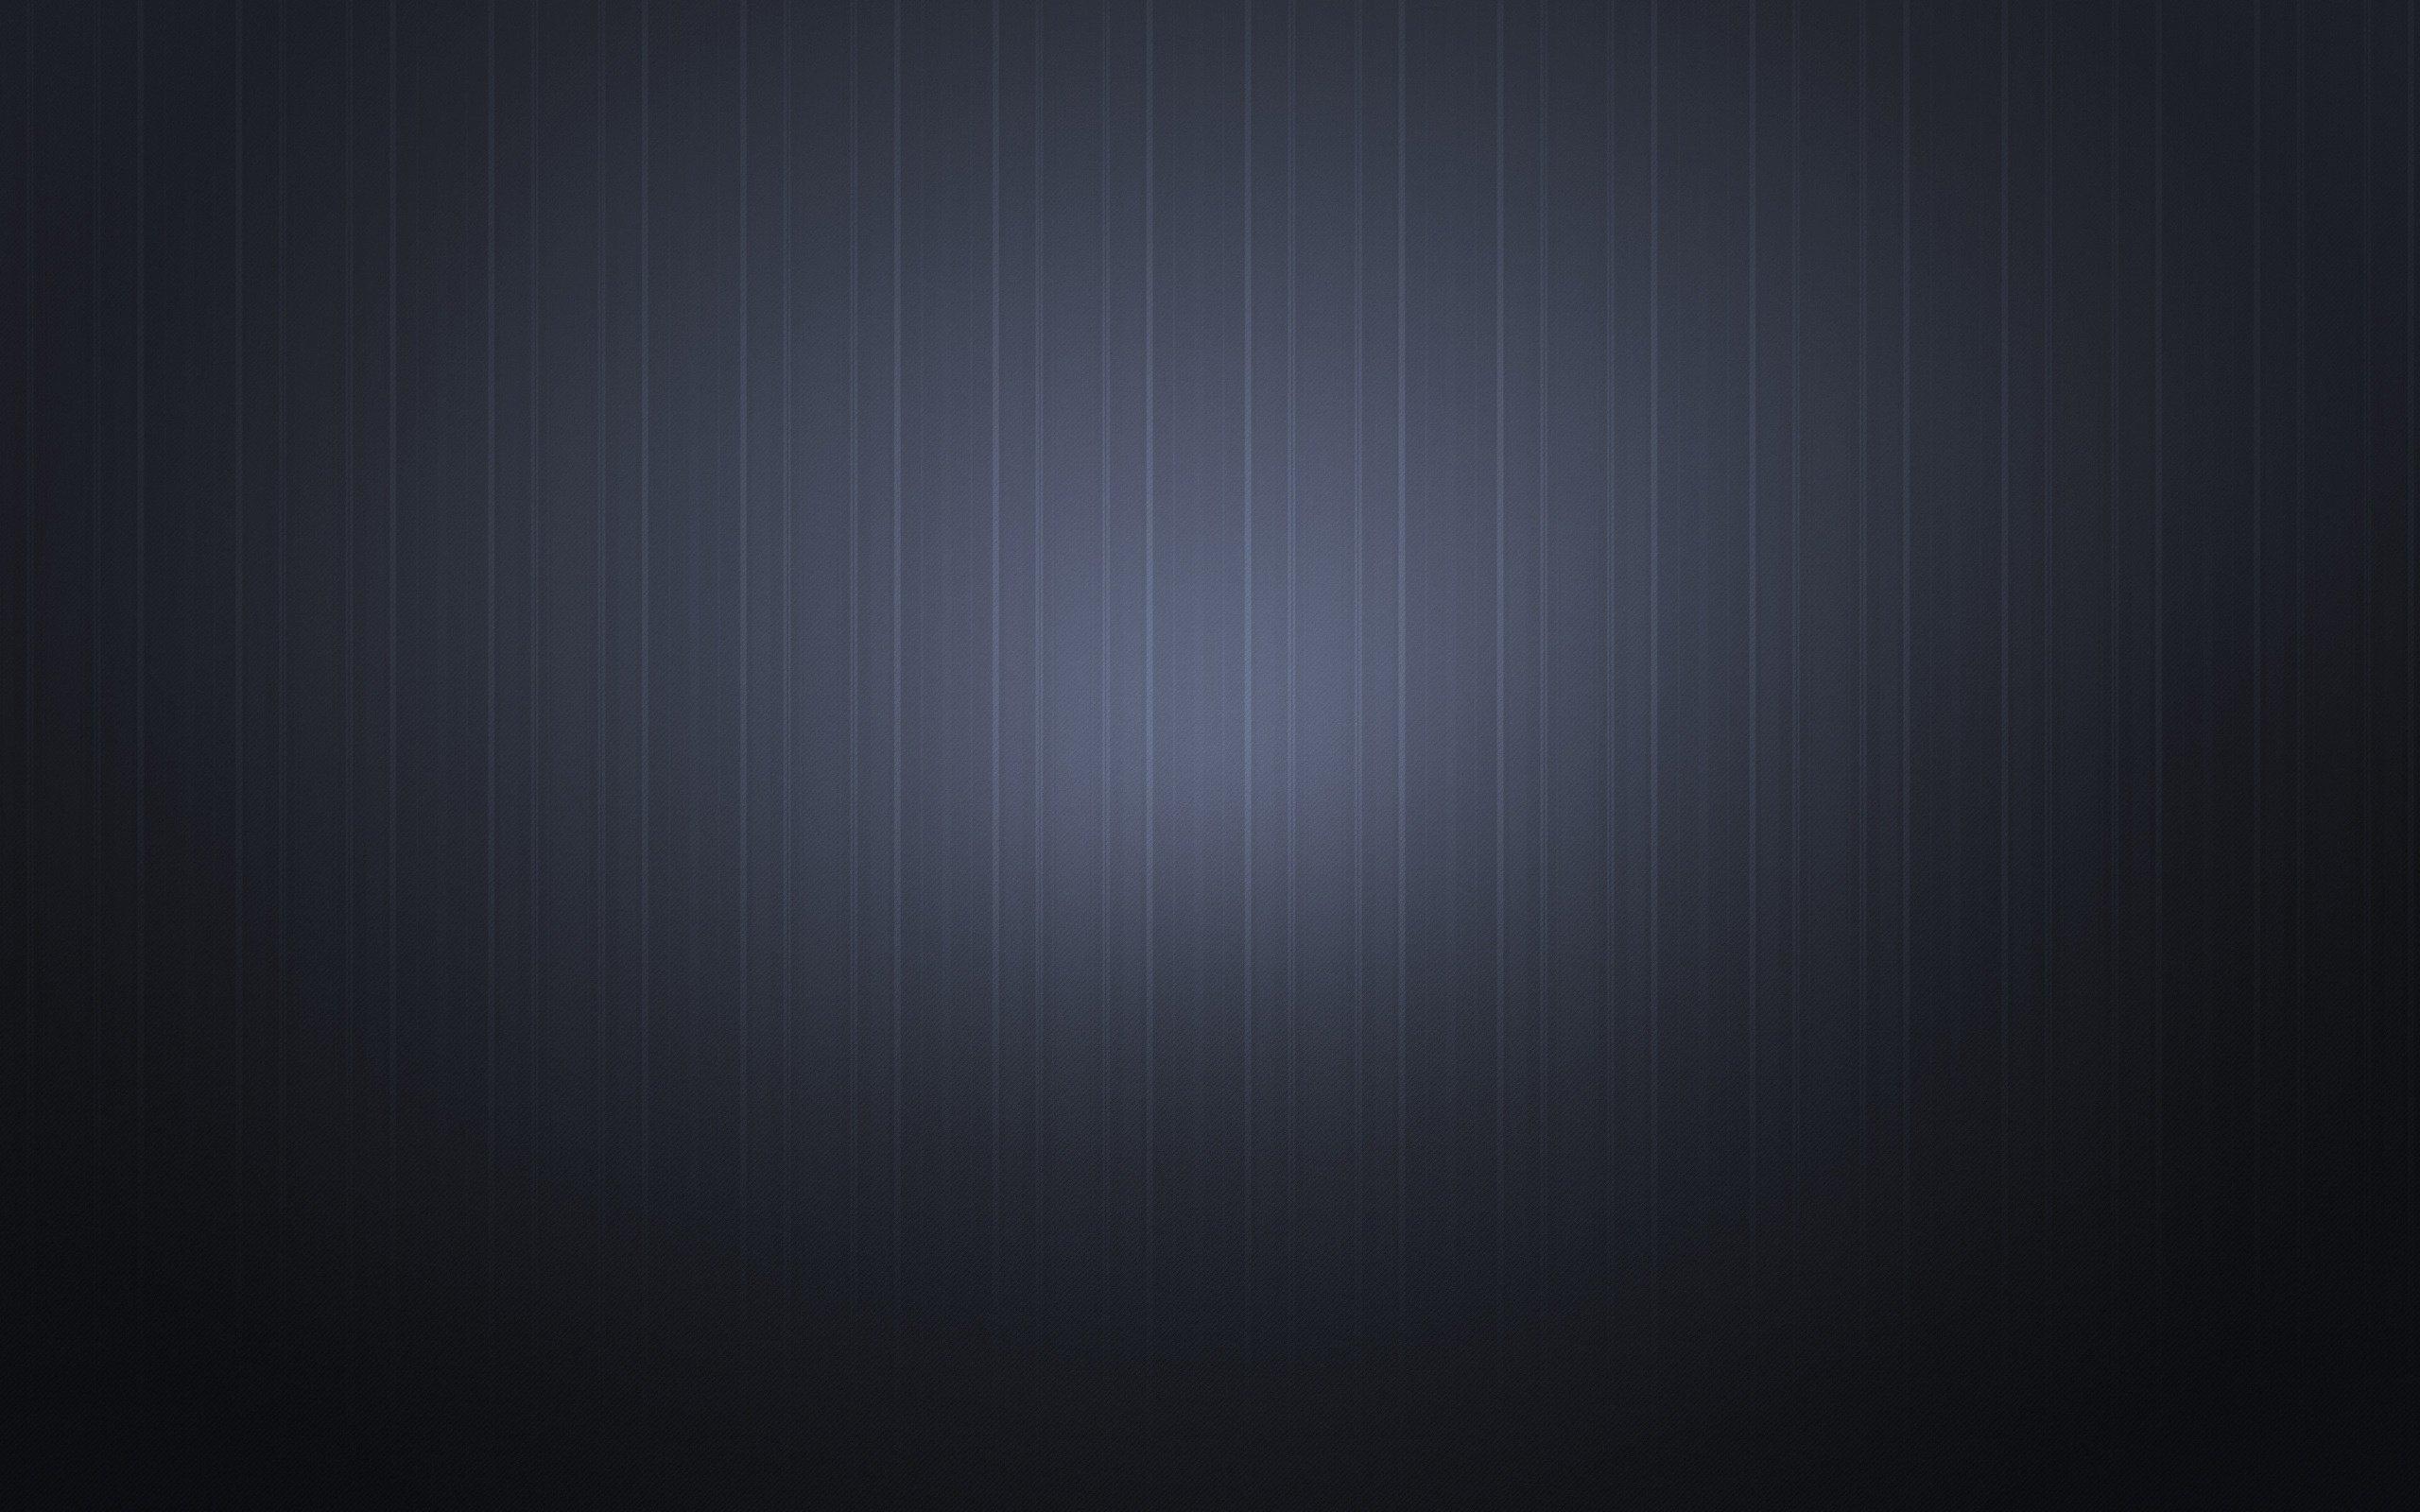 Gray Background Wallpaper Wallpapersafari